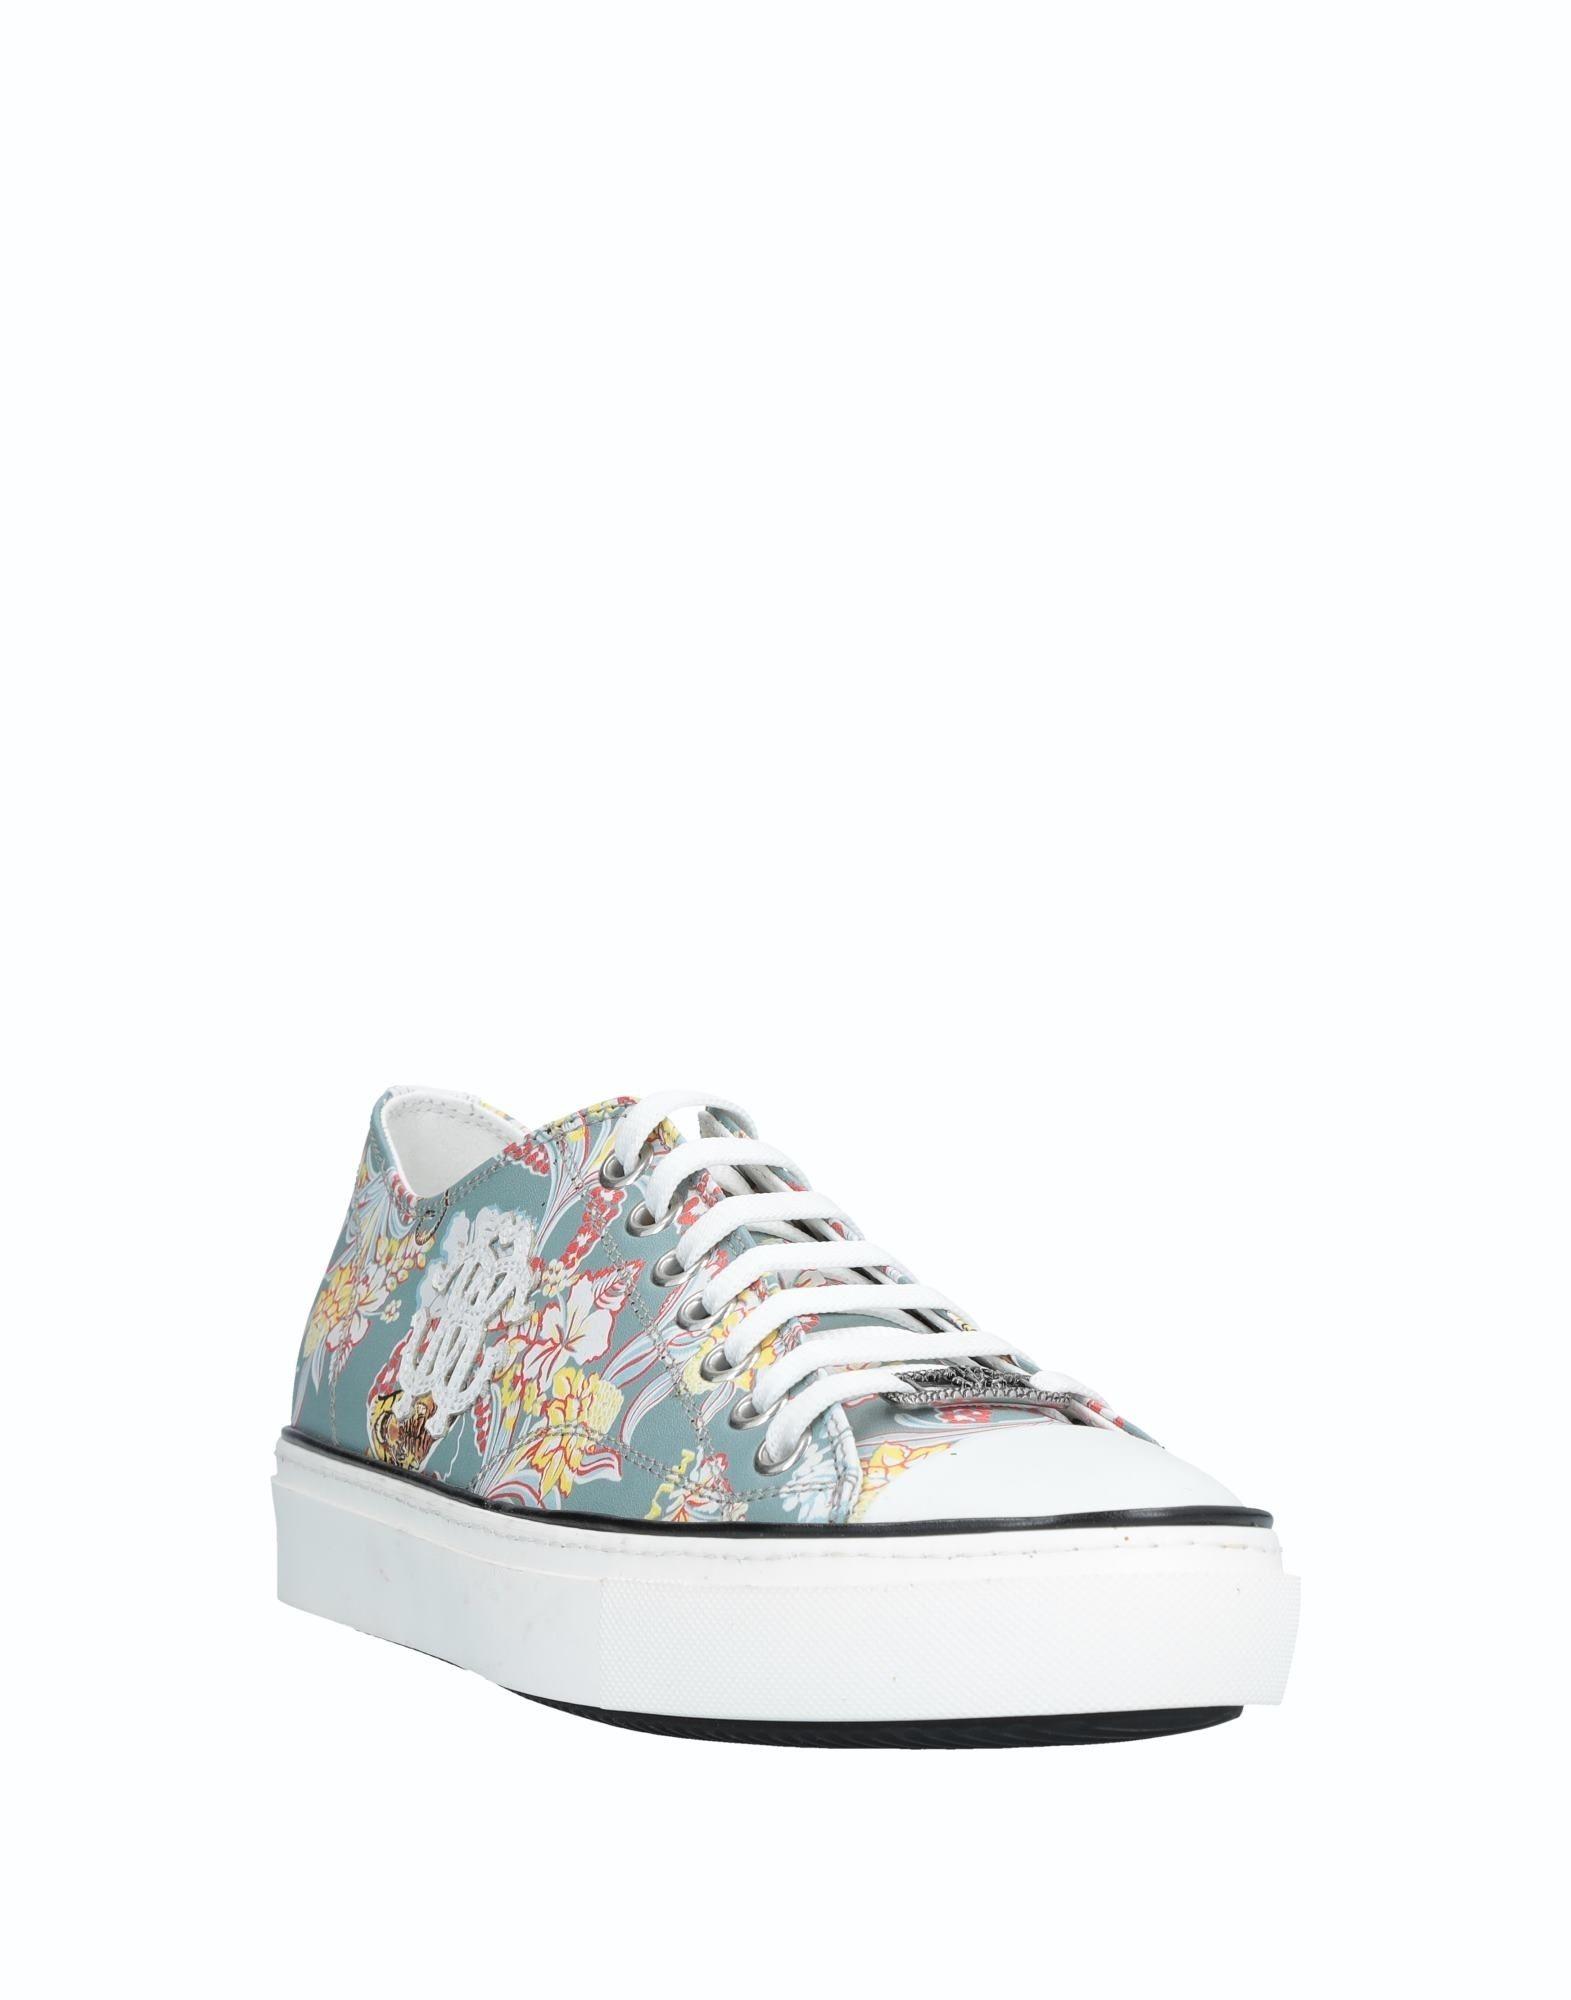 Roberto Cavalli Sneakers Herren  11539014VC Gute Qualität beliebte Schuhe